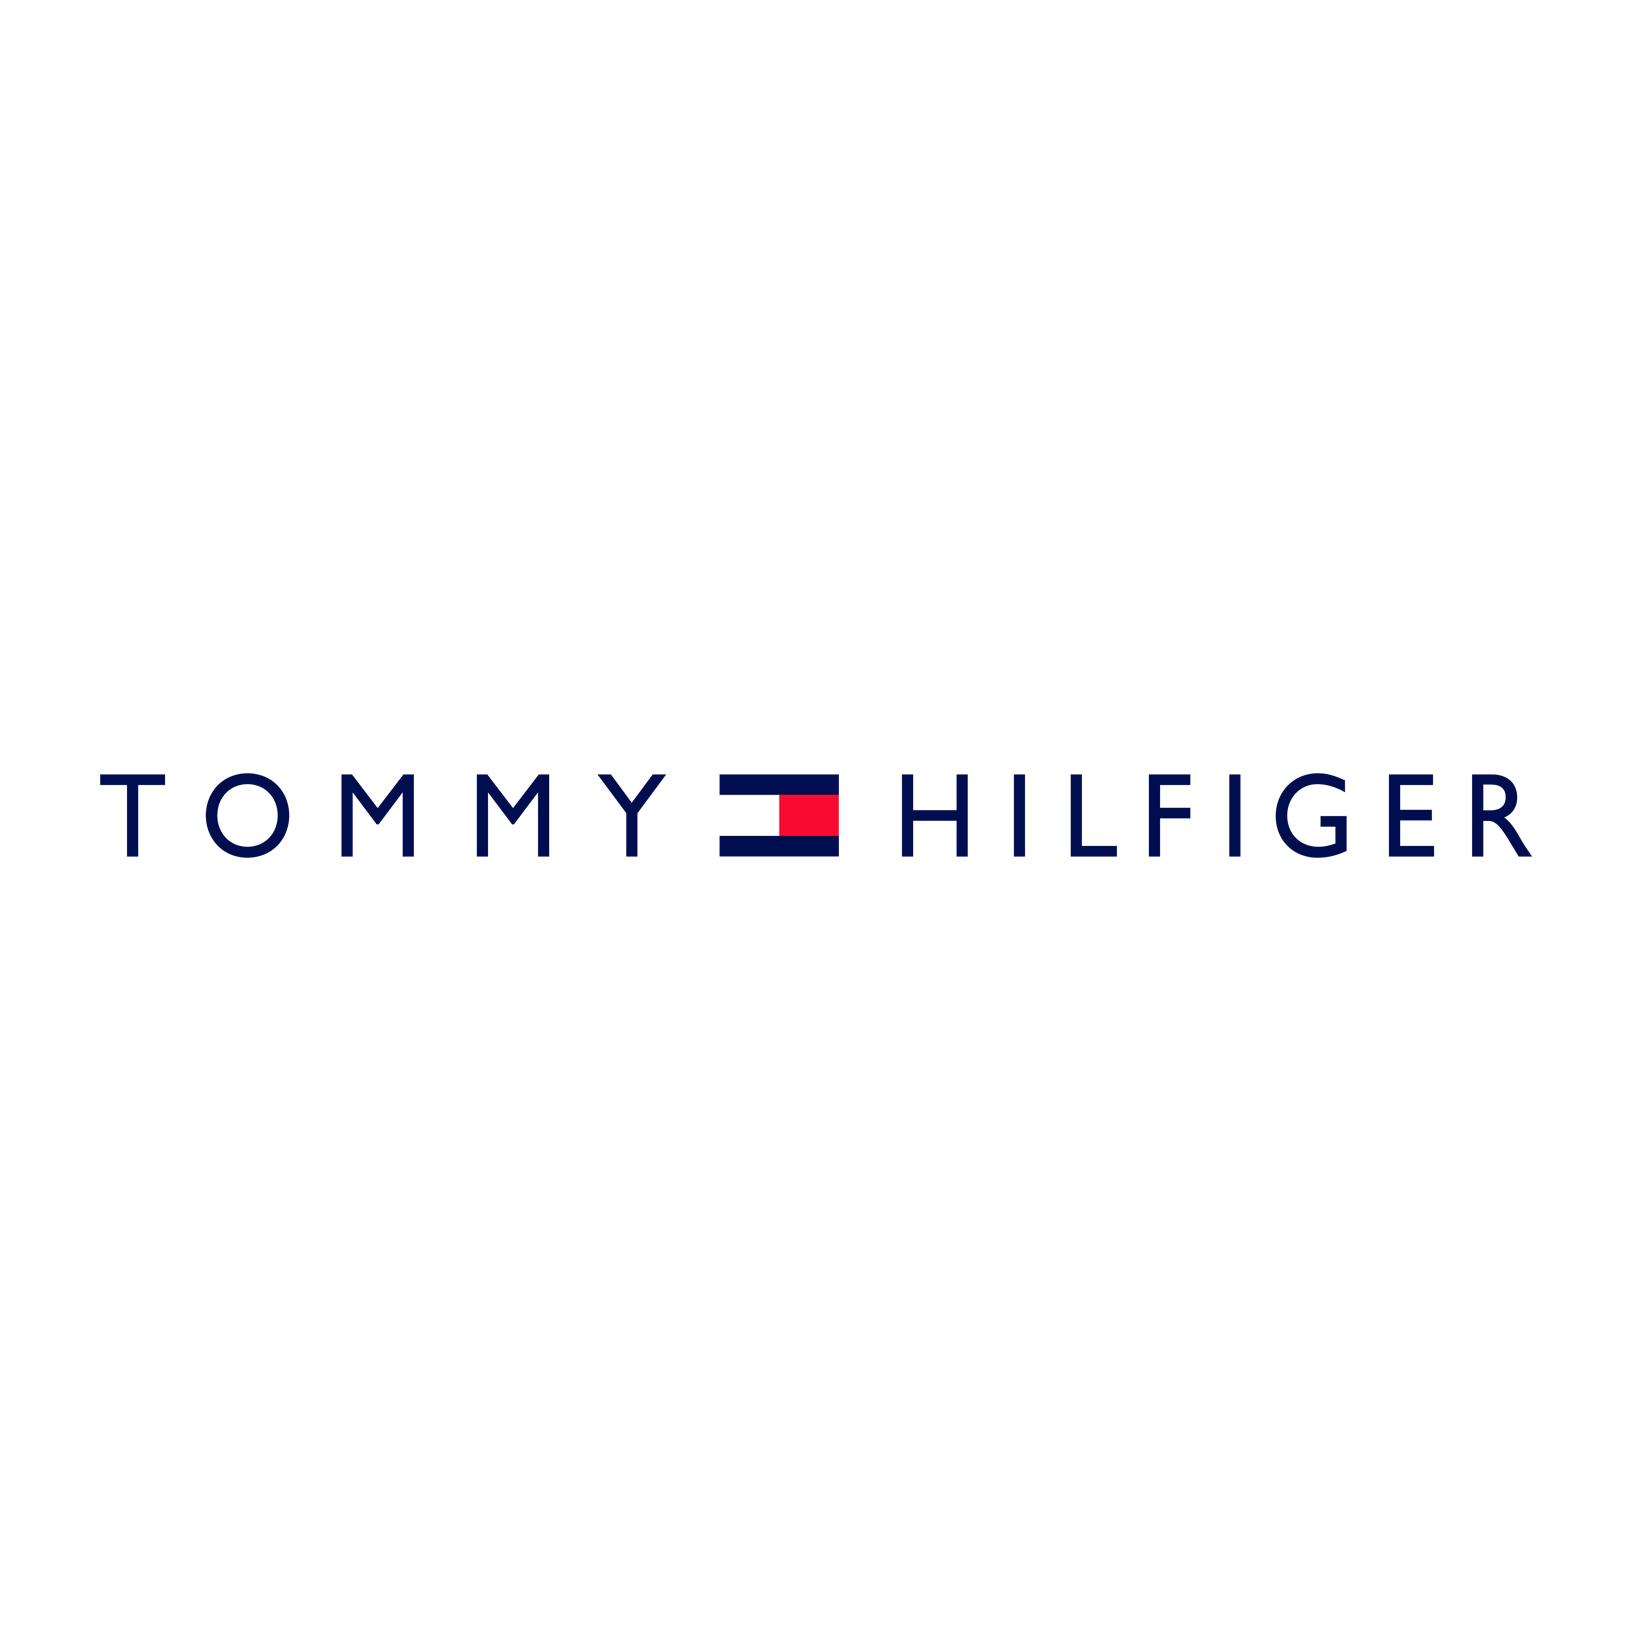 Tommy Hilfiger image 1